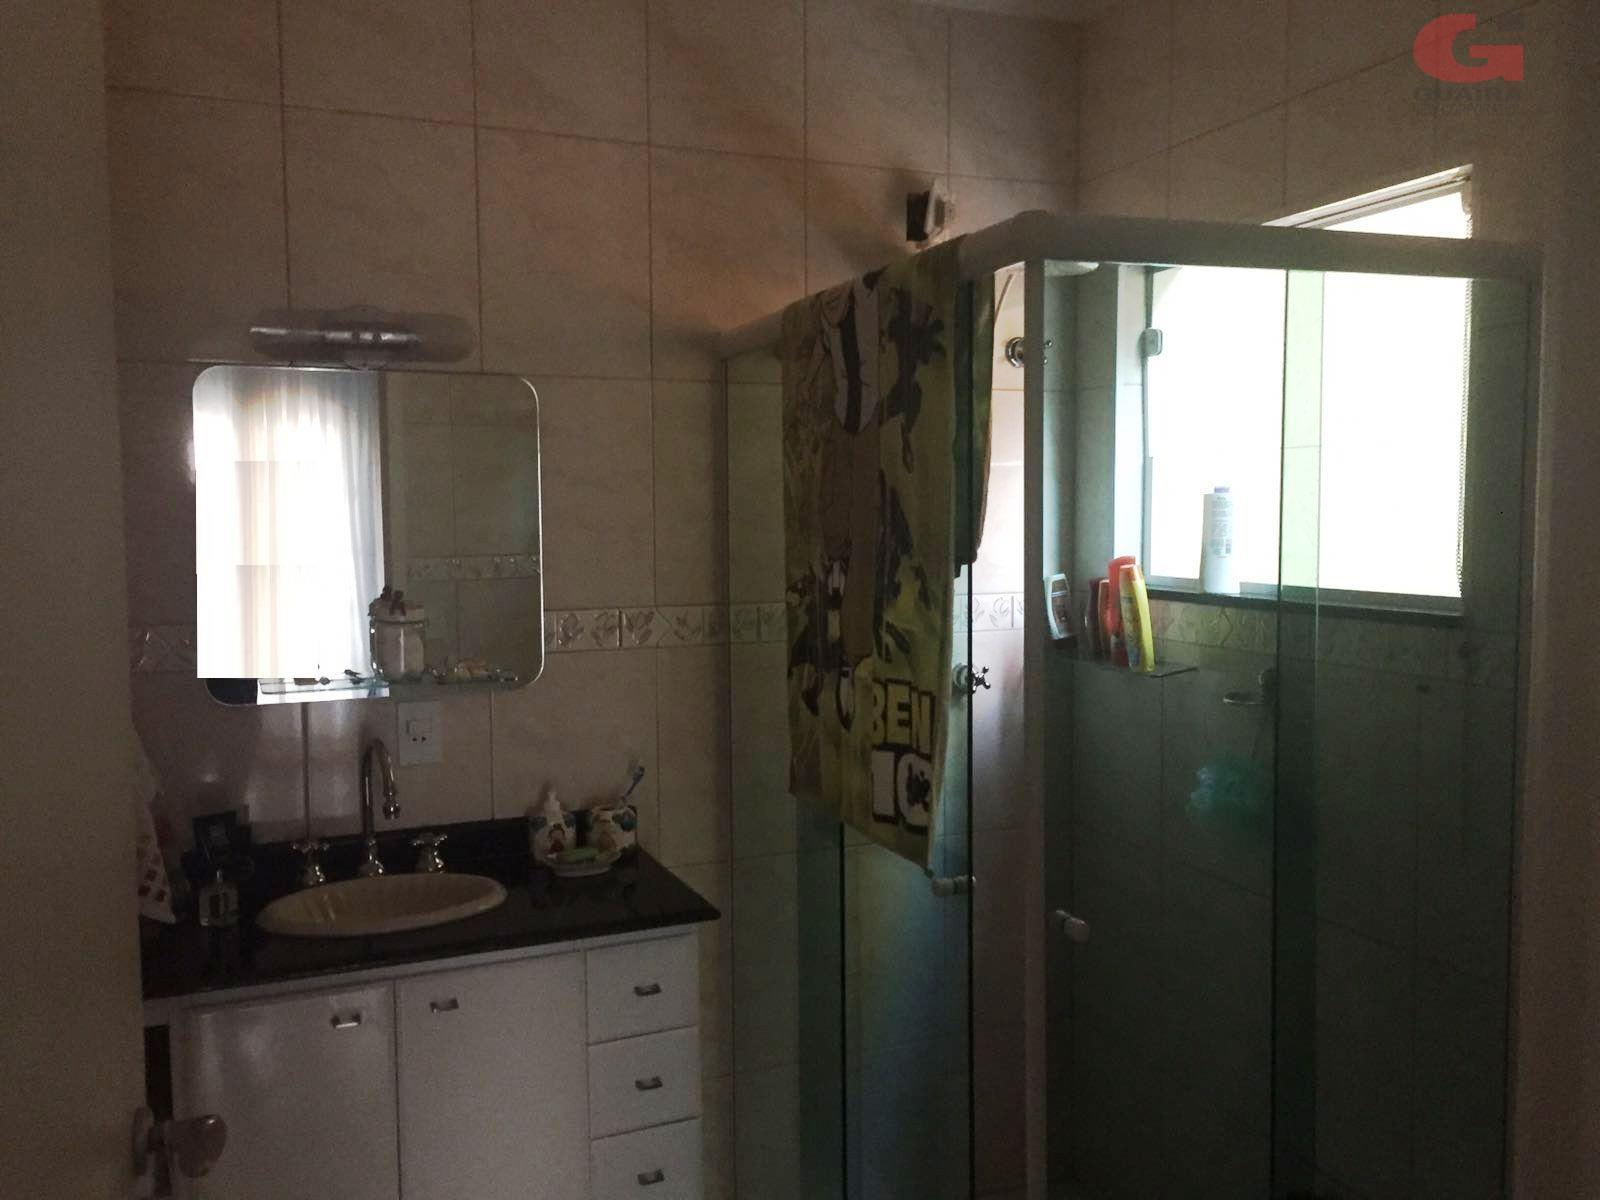 Sobrado de 3 dormitórios à venda em Parque Espacial, São Bernardo Do Campo - SP